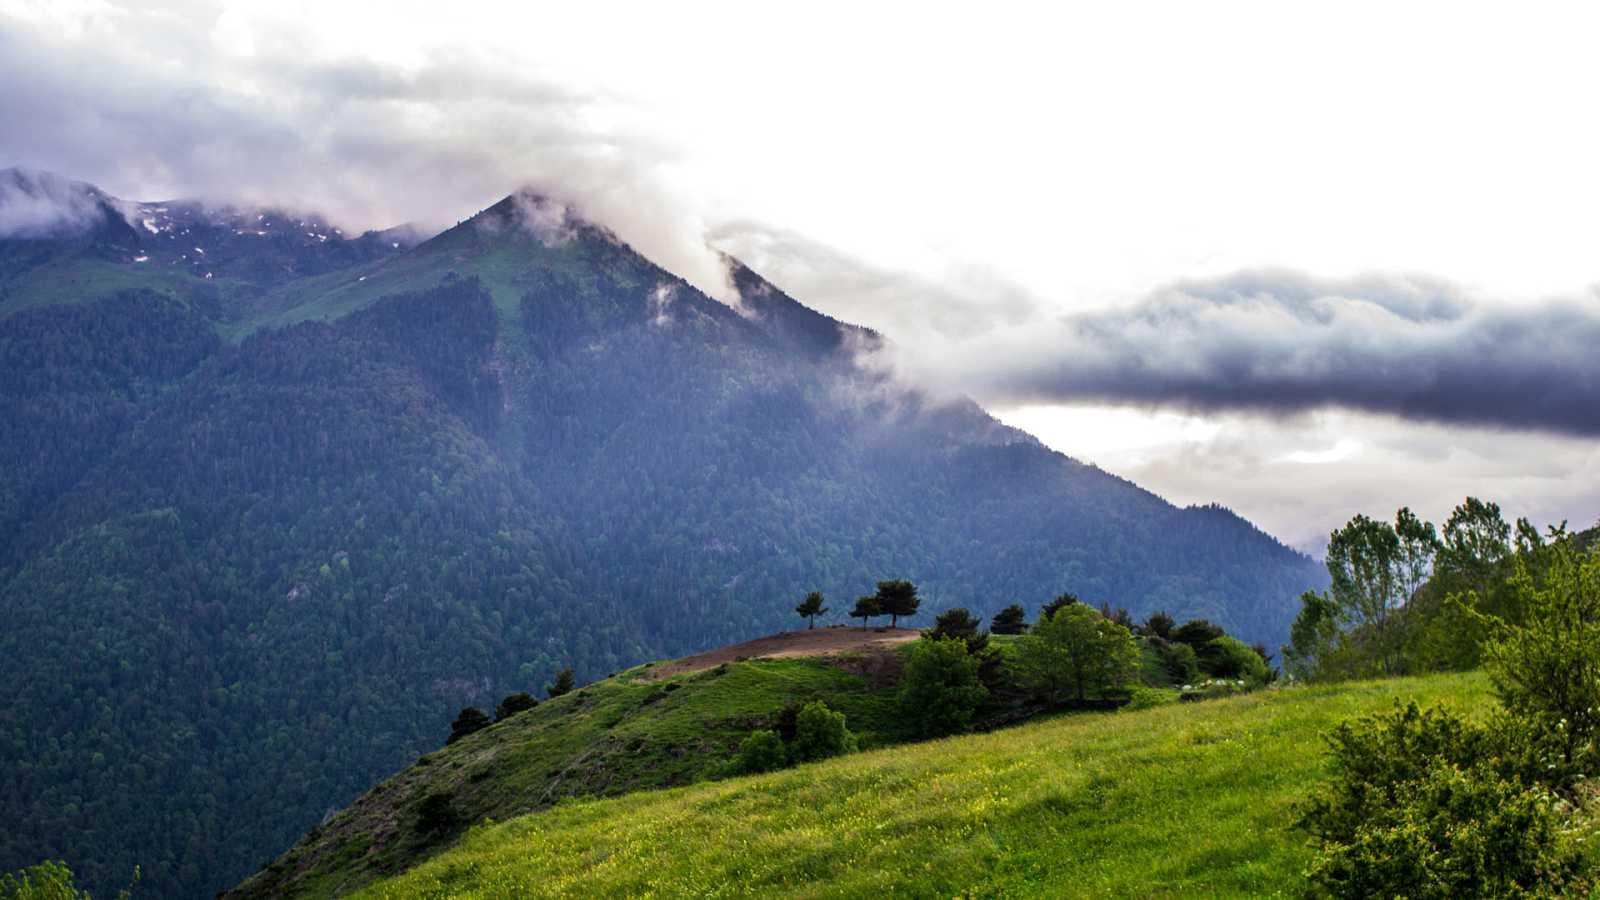 Posibilidad de chubascos localmente fuertes en el sistema Ibérico oriental y Prepirineo - Ver ahora